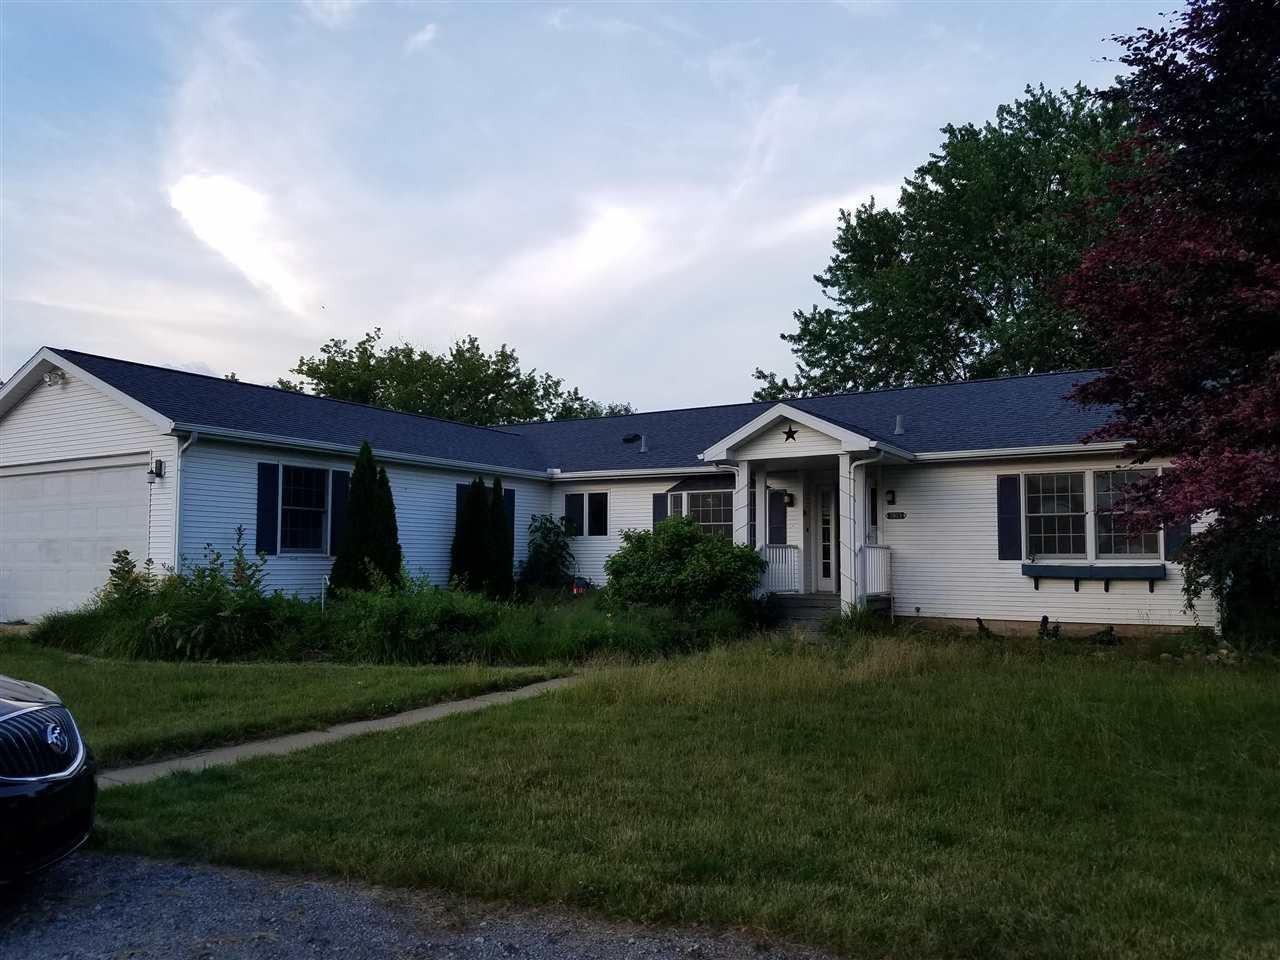 7813 NAPOLEON RD, Jackson, MI 49201 - MLS#: 21096640